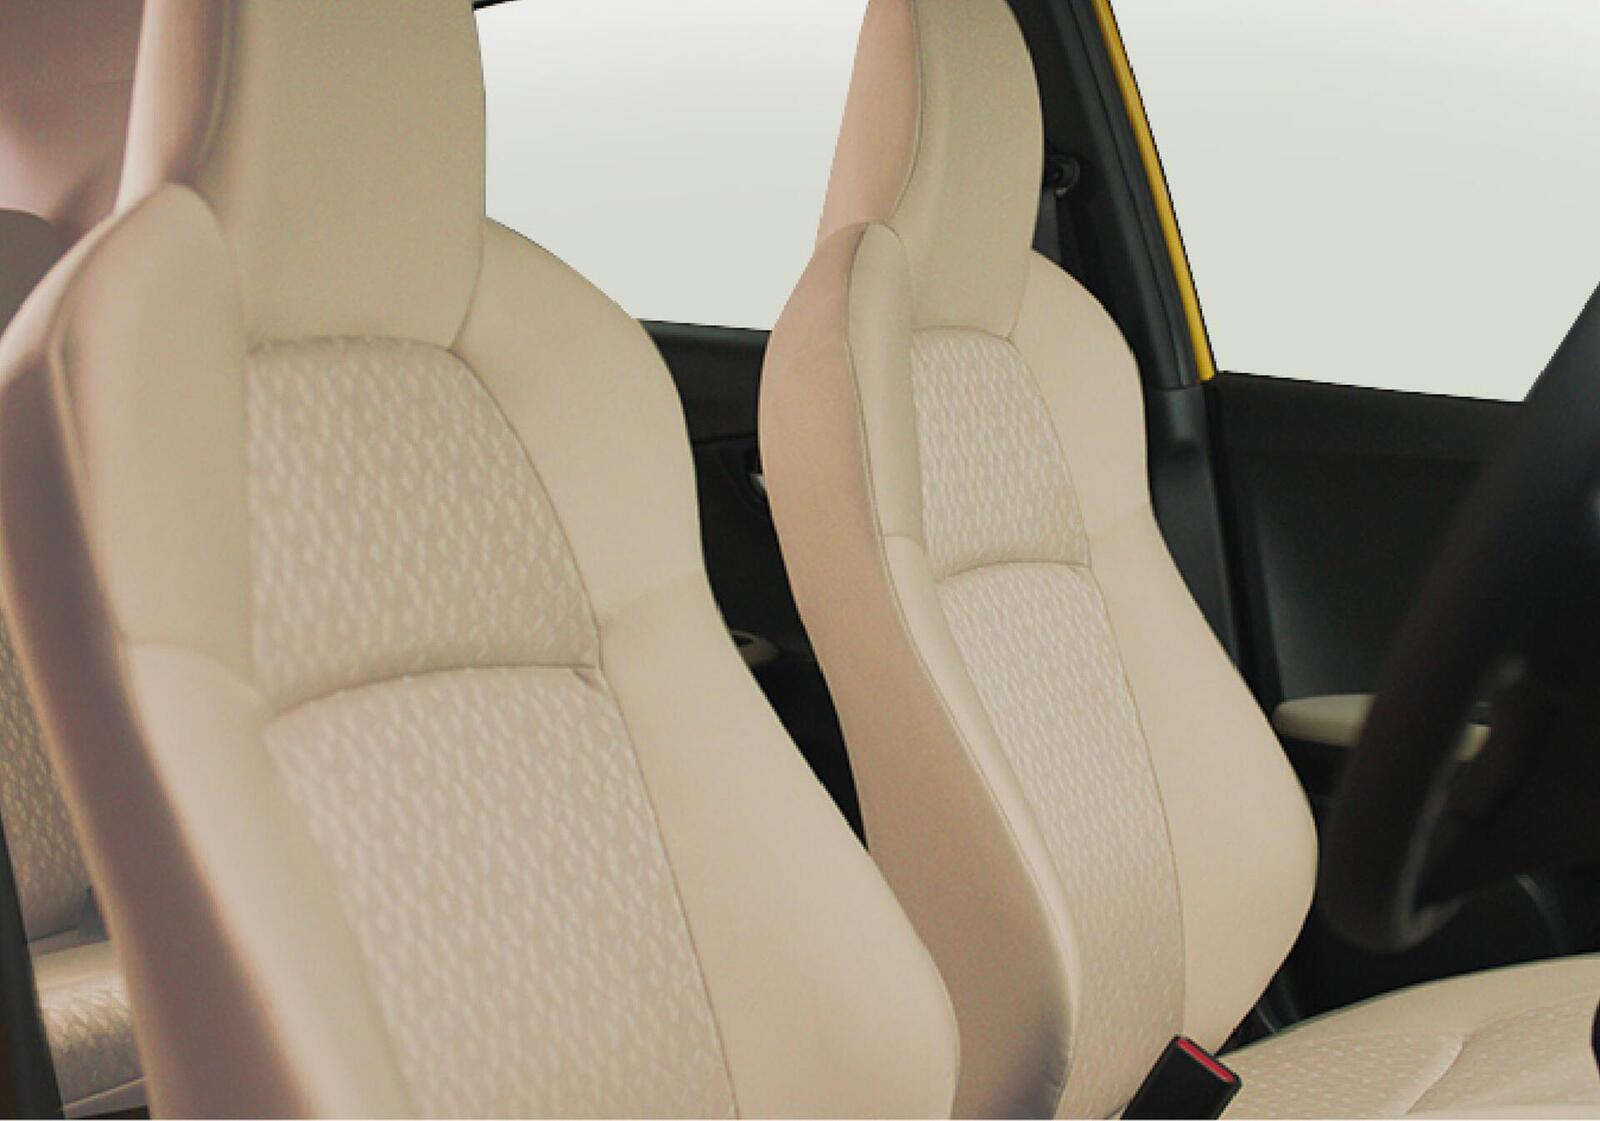 Dự đoán 3 phiên bản Honda Brio sắp ra mắt vào ngày 18.06 sắp tới - Hình 15